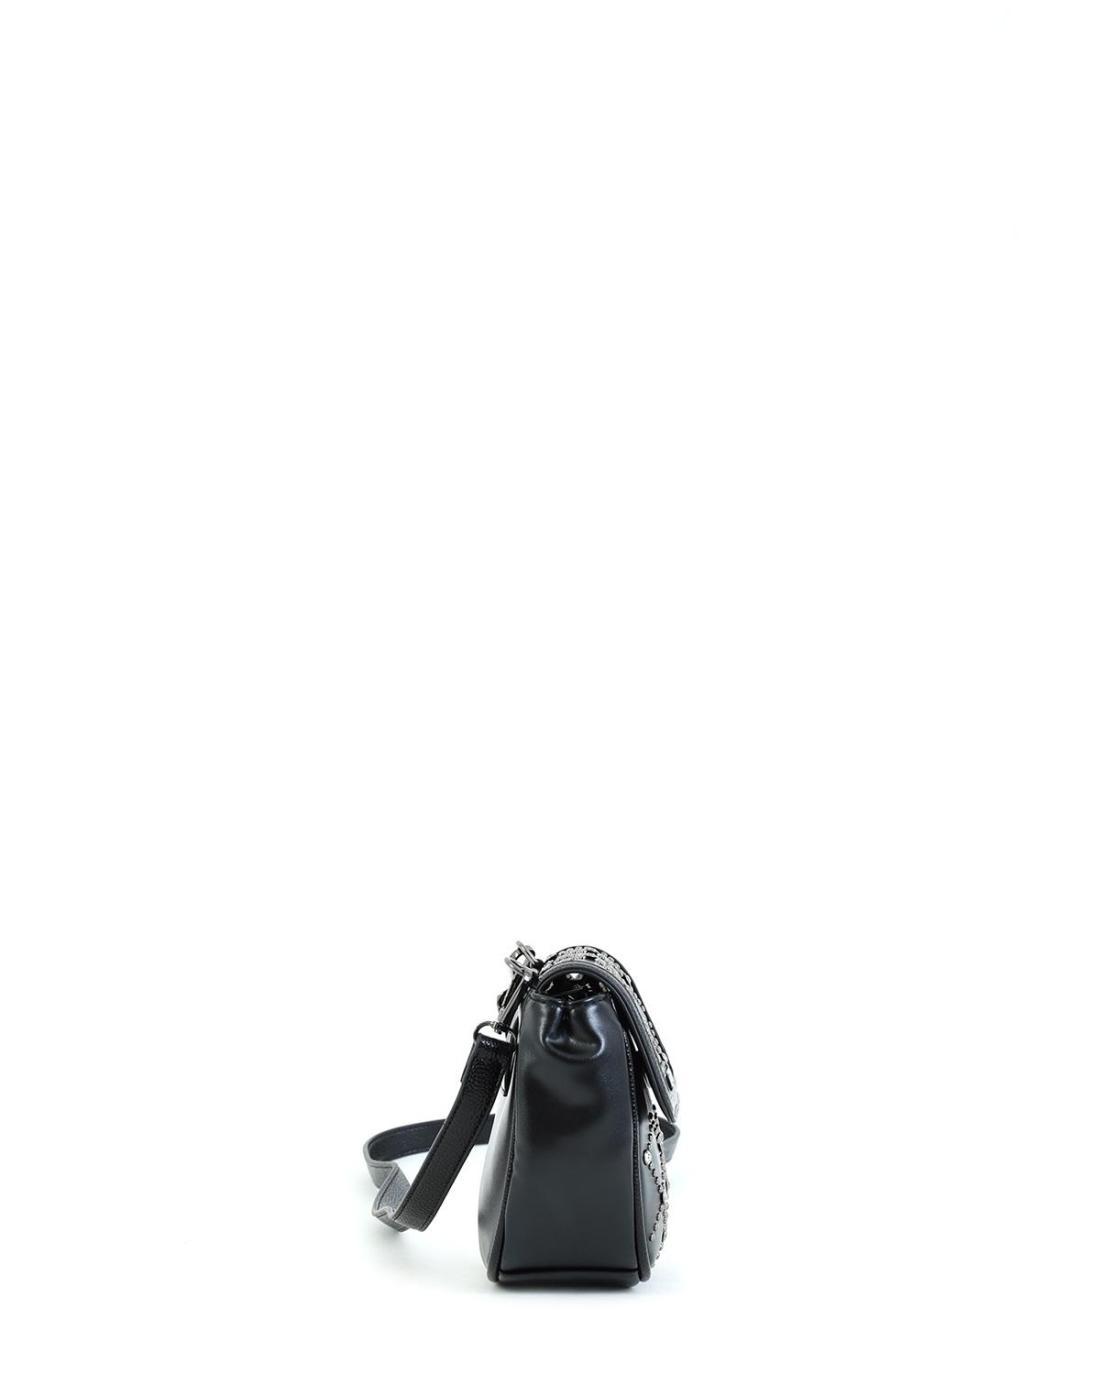 Black cross body/belt bag